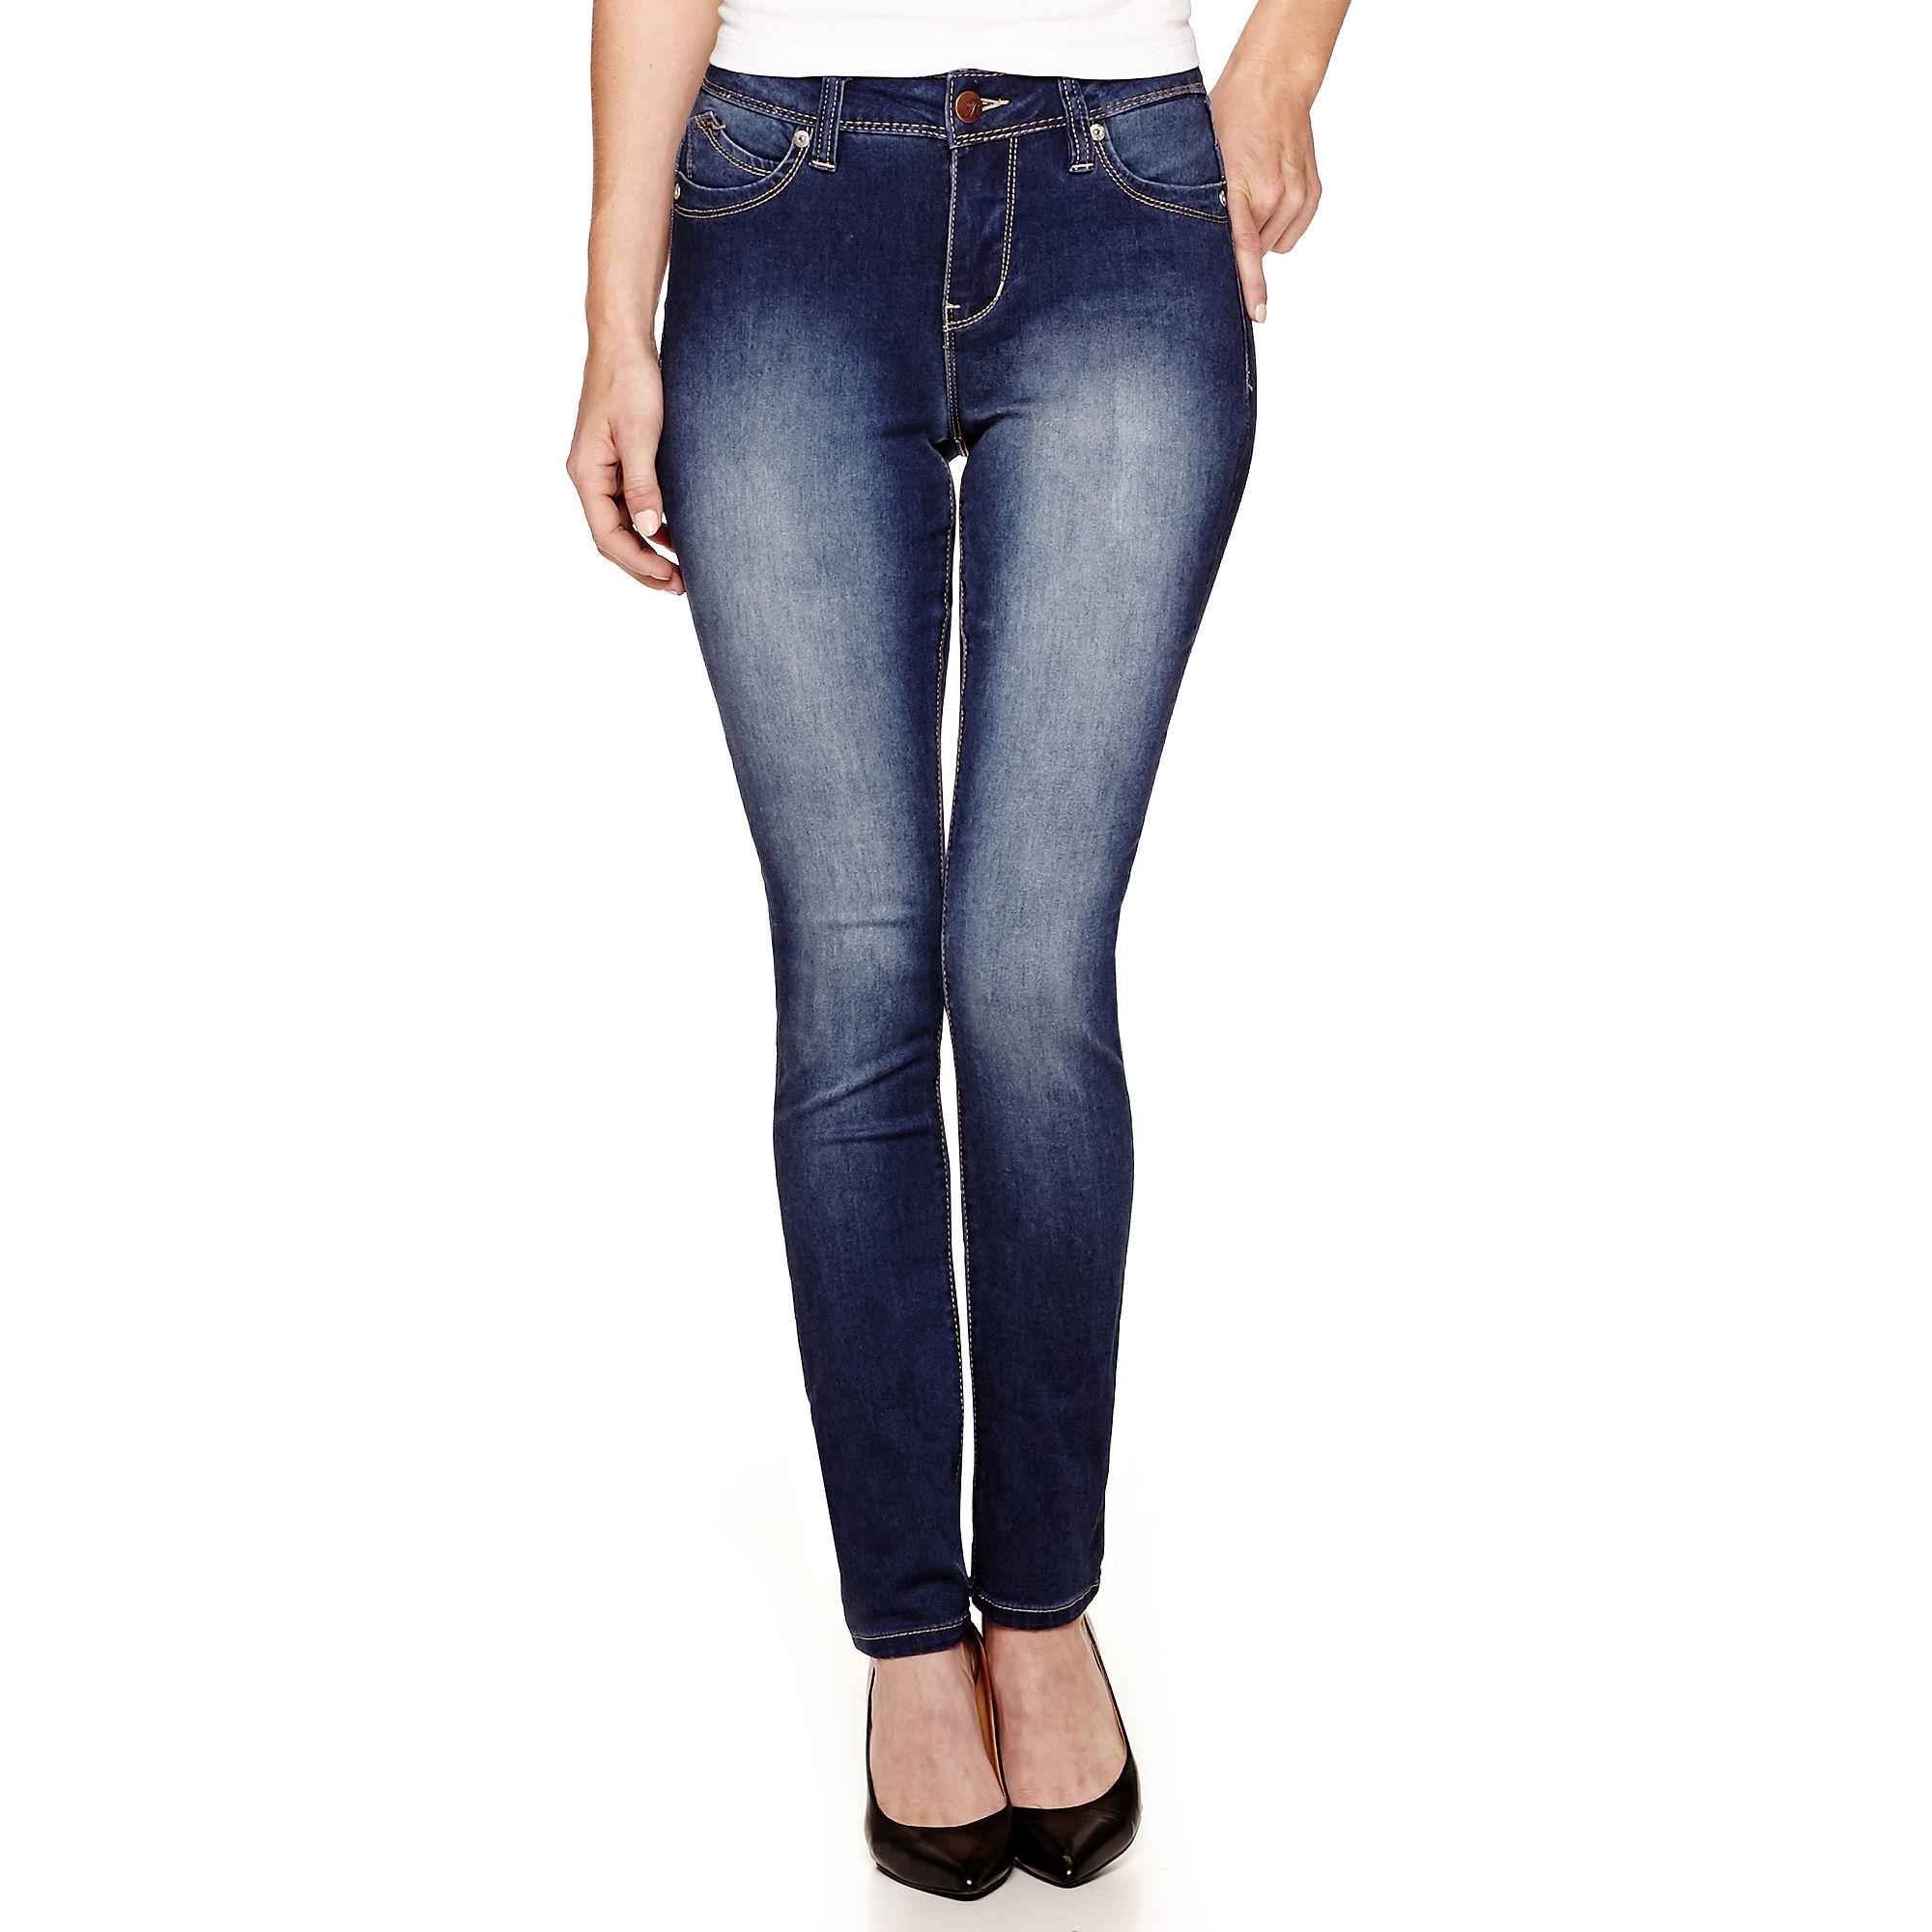 YMI Wanna Betta Butt 5-Pocket Straight Jeans